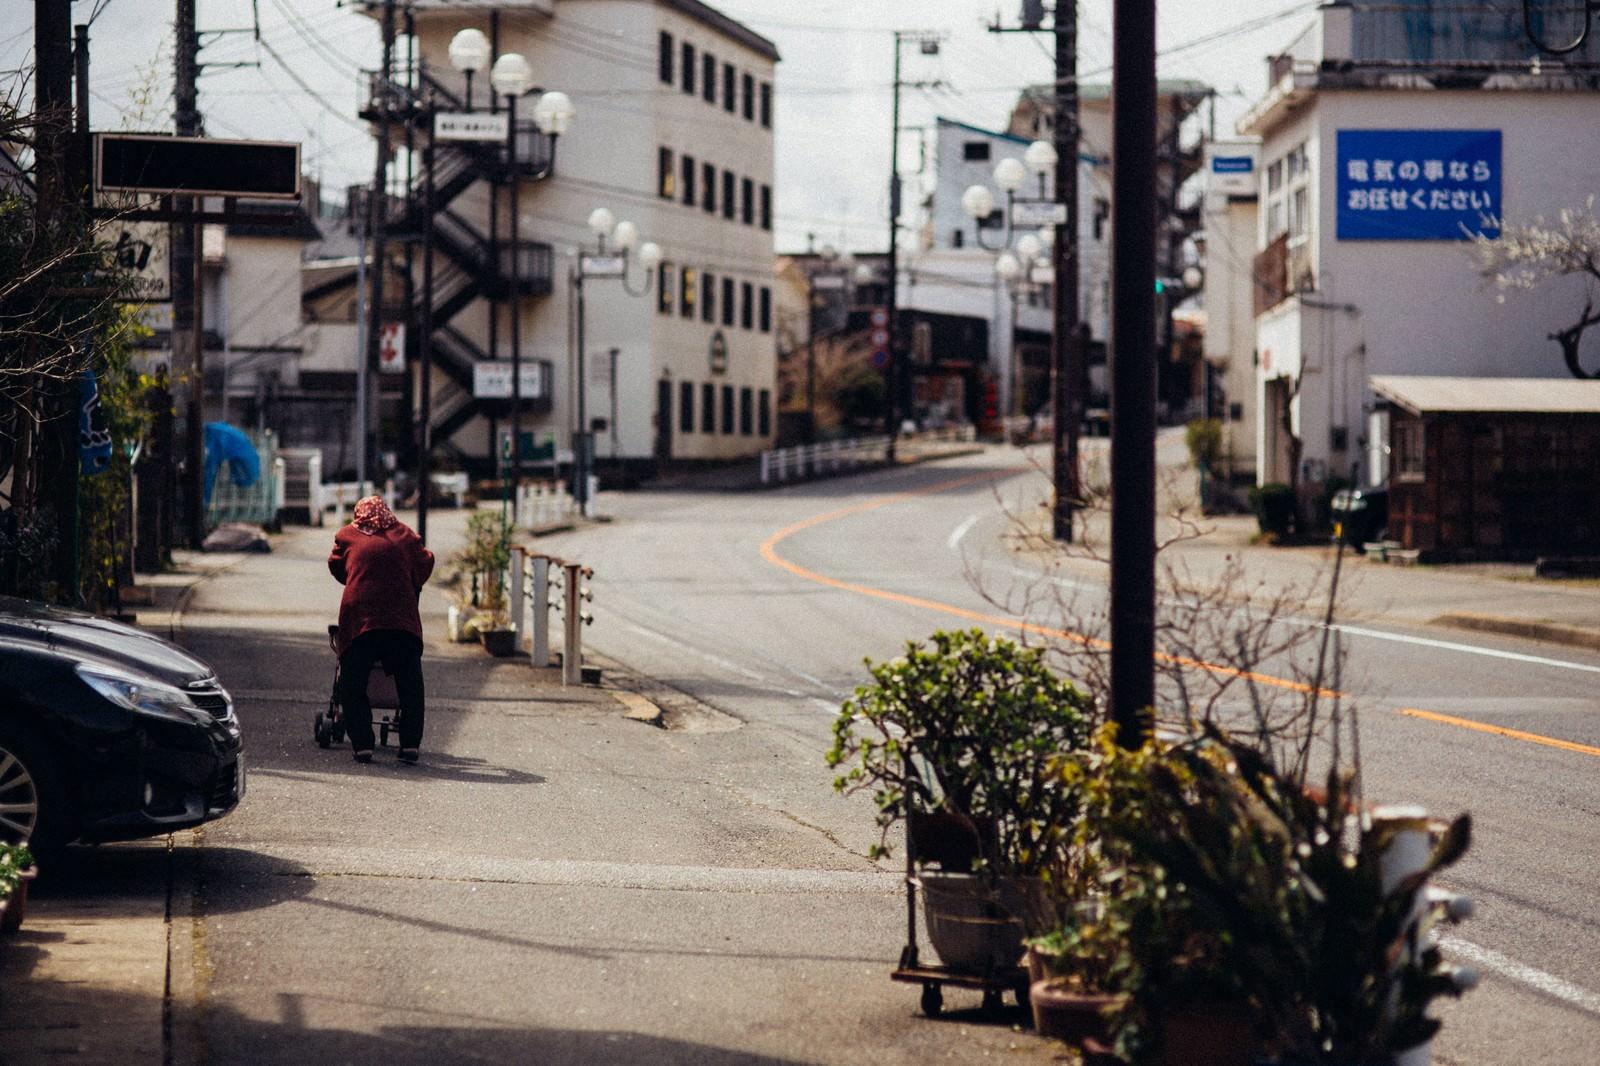 「閑散とした街と老婆の後ろ姿」の写真